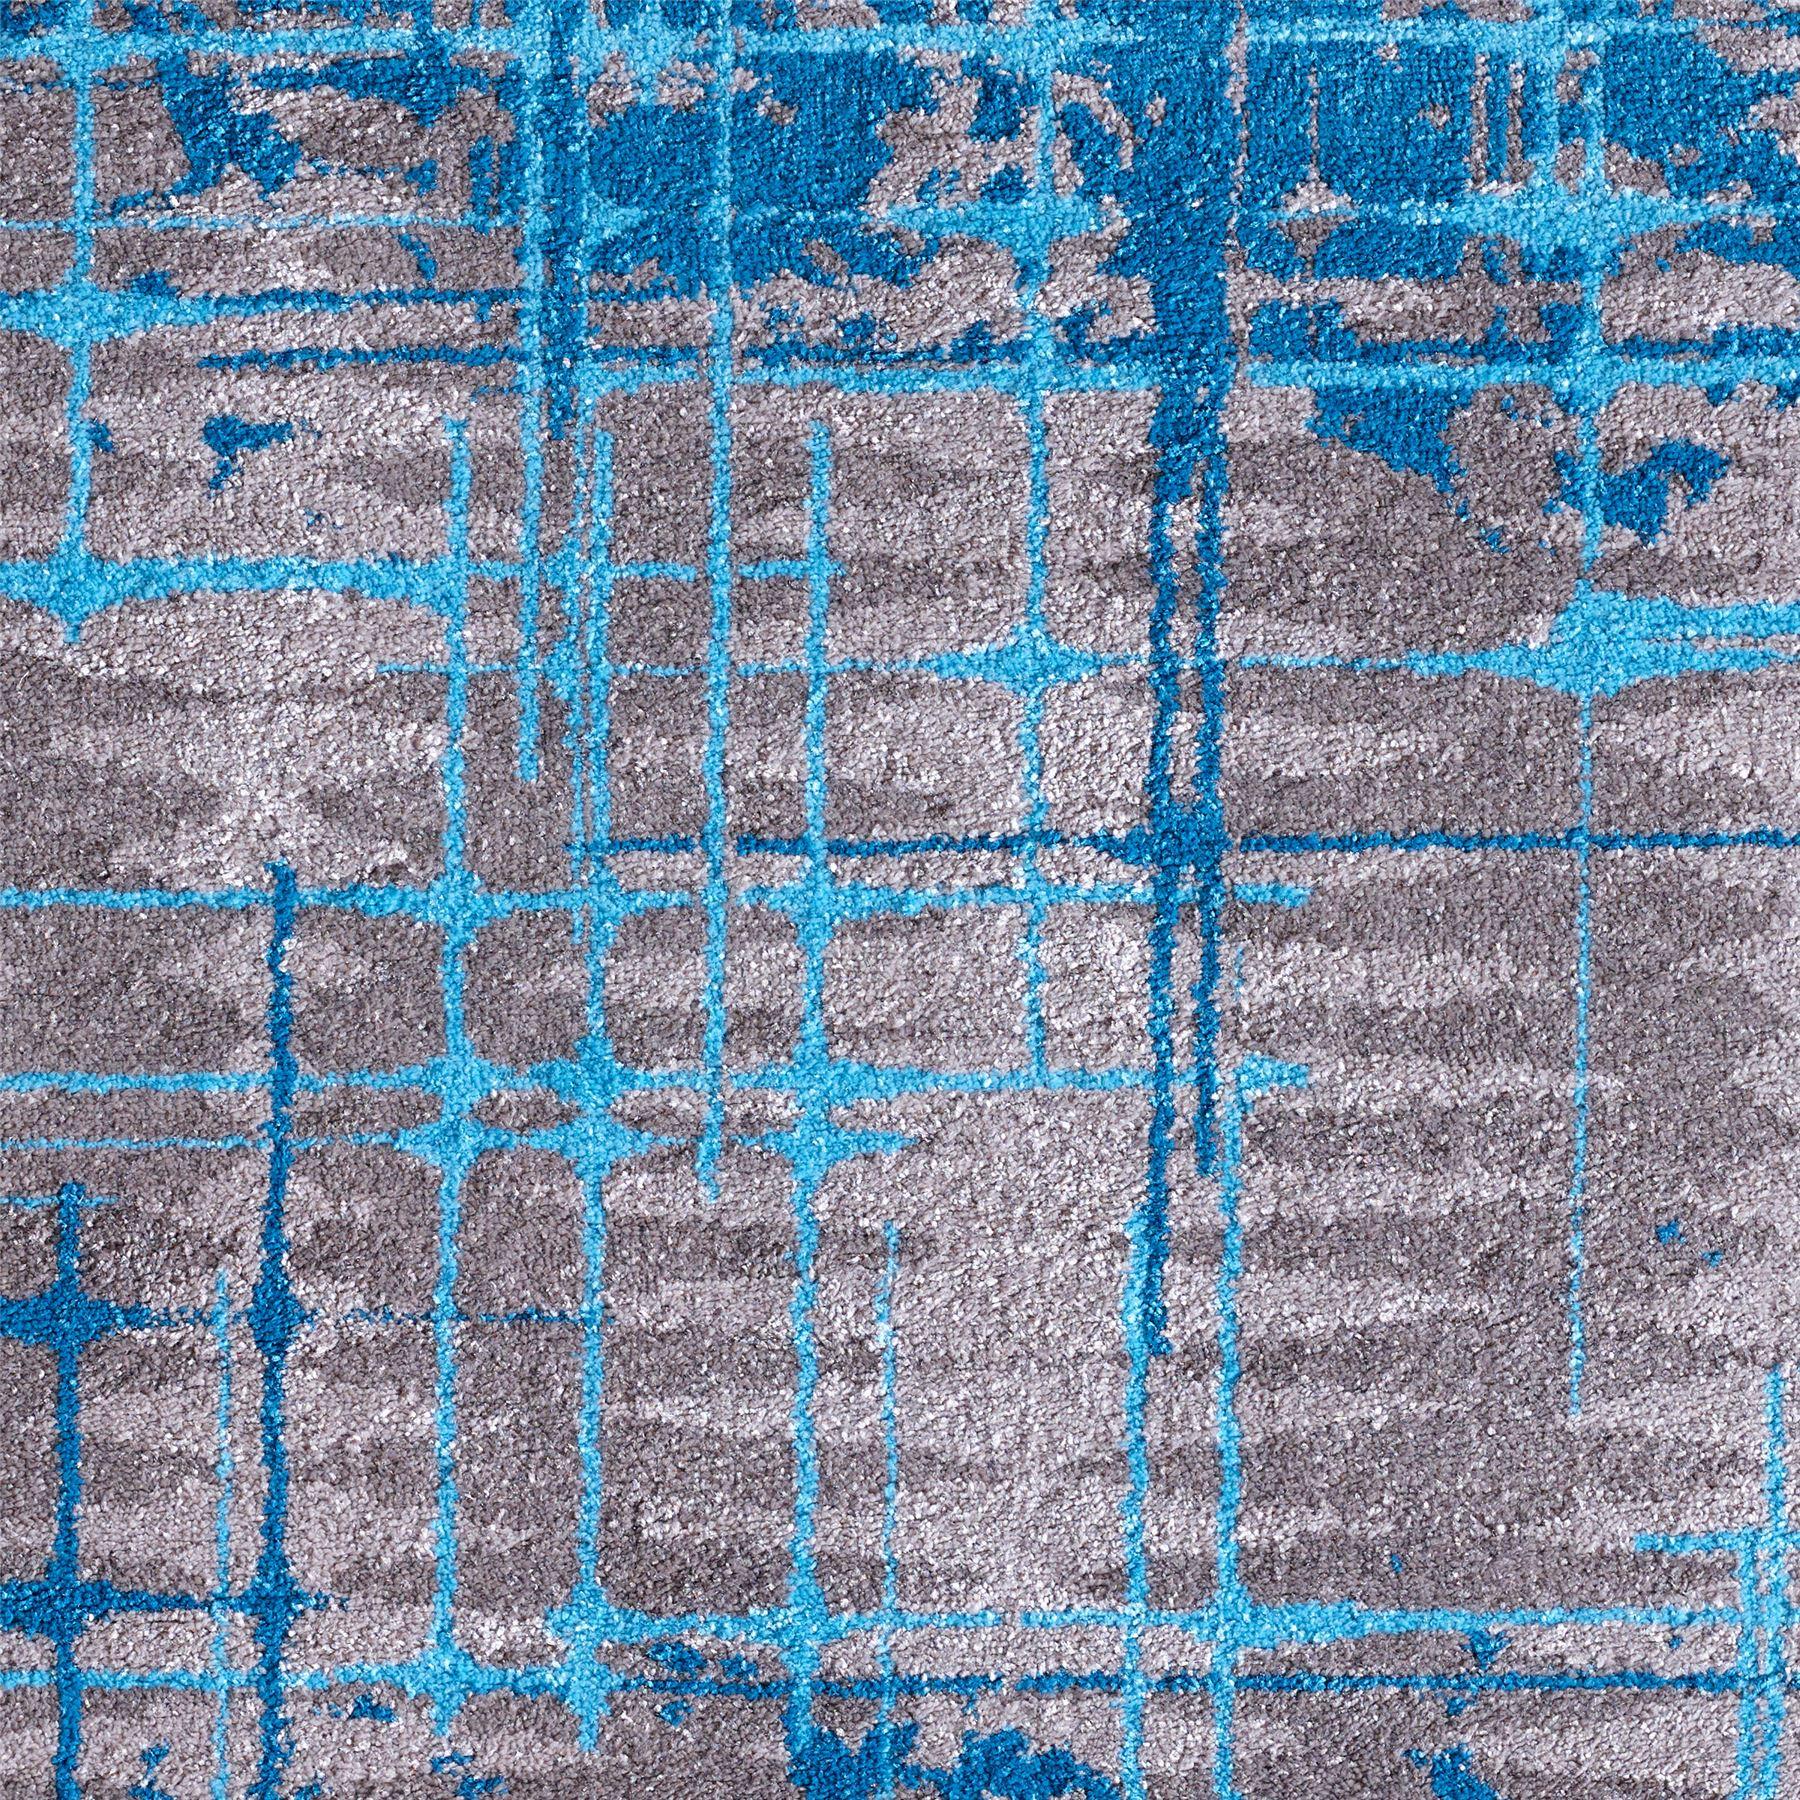 TAPPETI-SALOTTO-GEOMETRICO-GRIGIO-VERDE-ACQUA-moderno-camera-da-letto-salone-salotto-tappeti miniatura 7